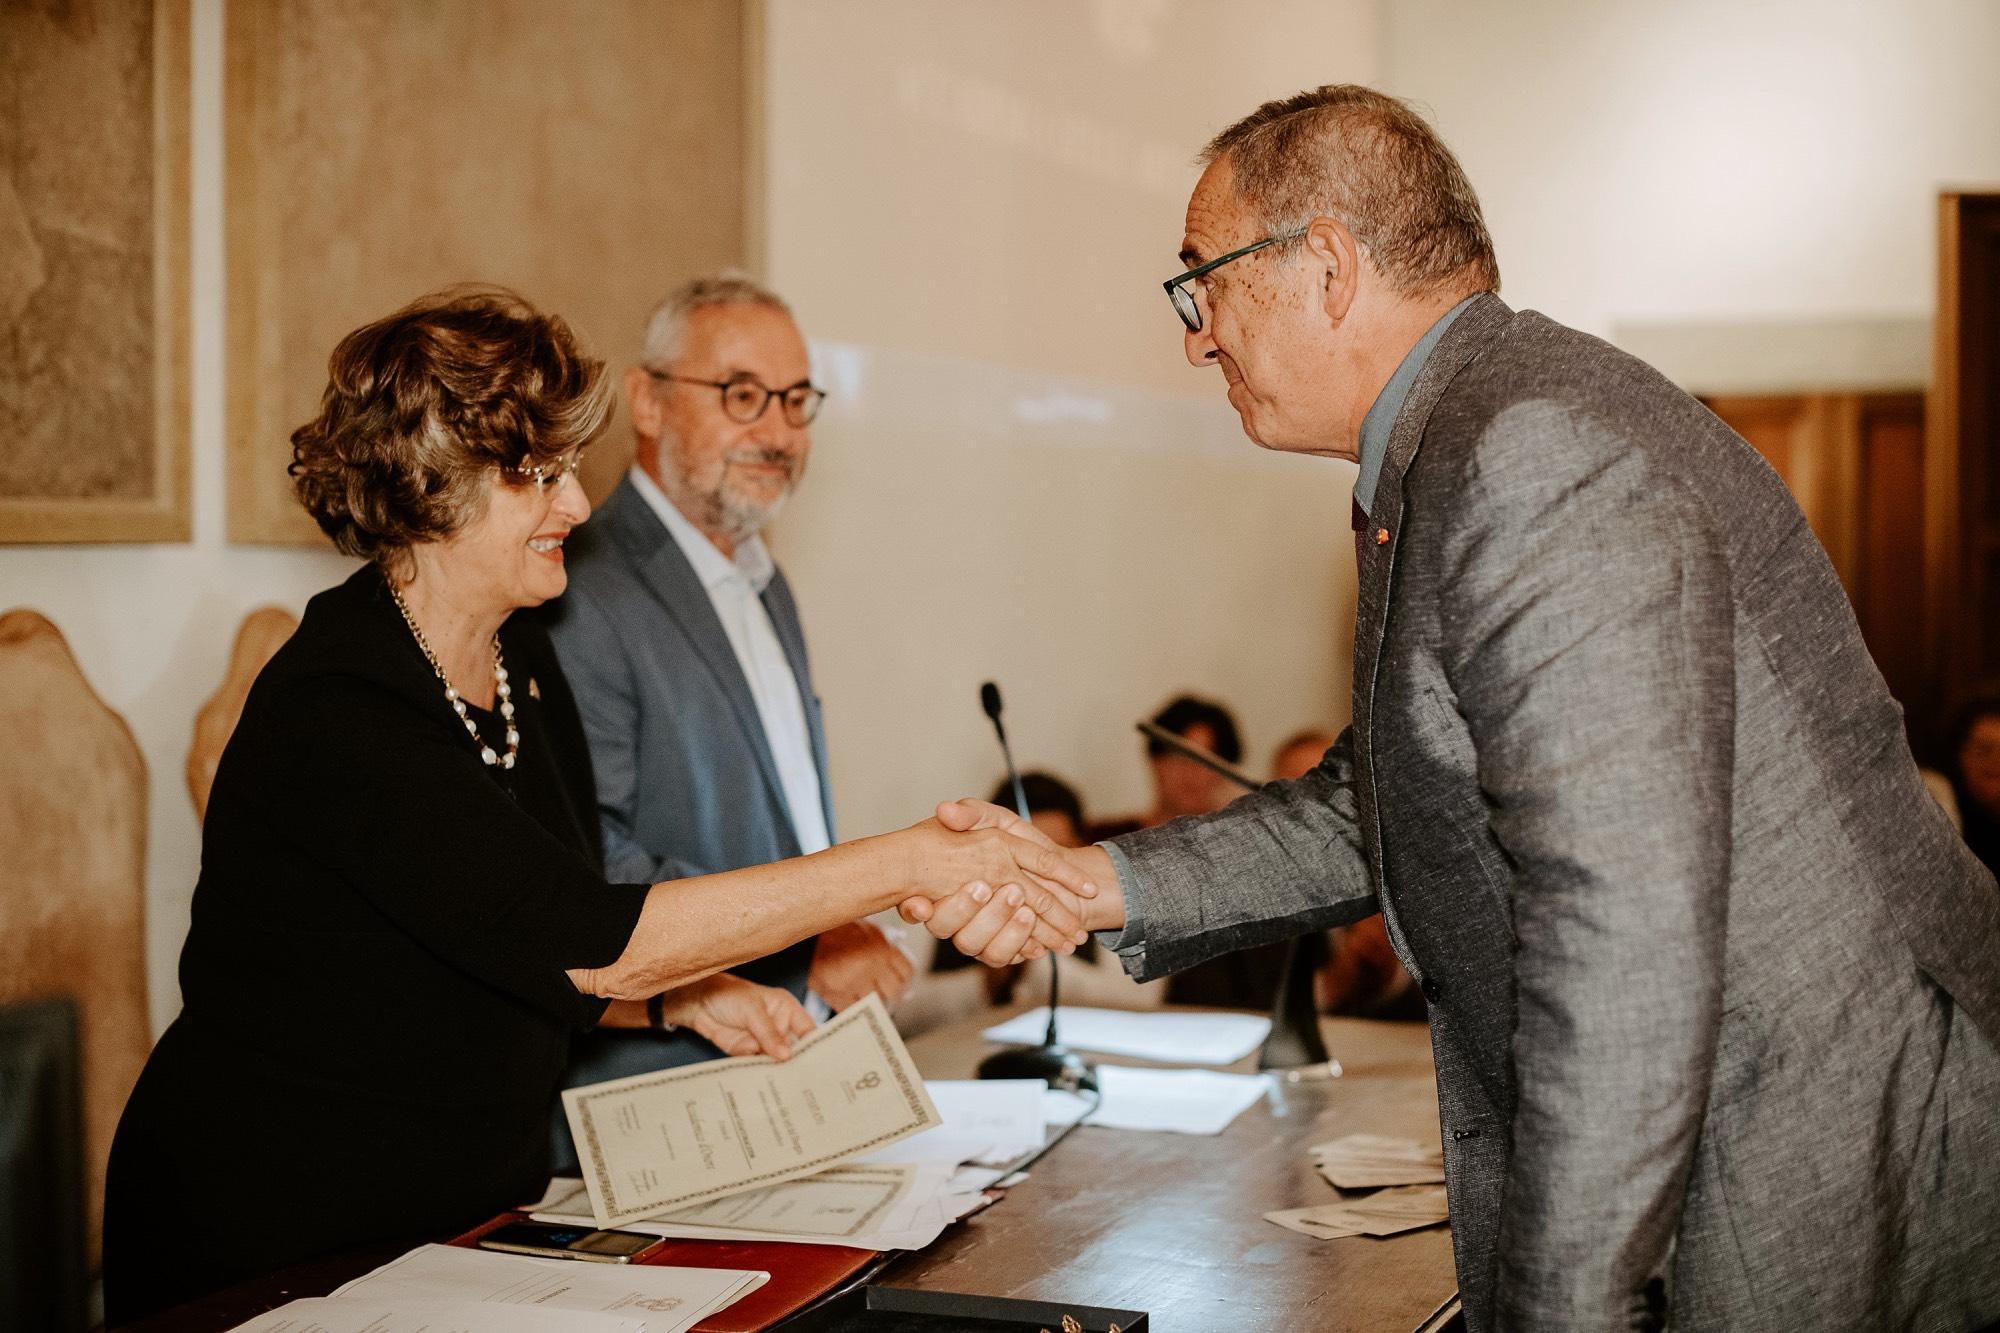 Ανδρέας Γιακουμακάτος. Τελετή αναγόρευσης σε Ακαδημαϊκό, στην Τάξη της Αρχιτεκτονικής, της Ακαδημίας των Τεχνών της Φλωρεντίας